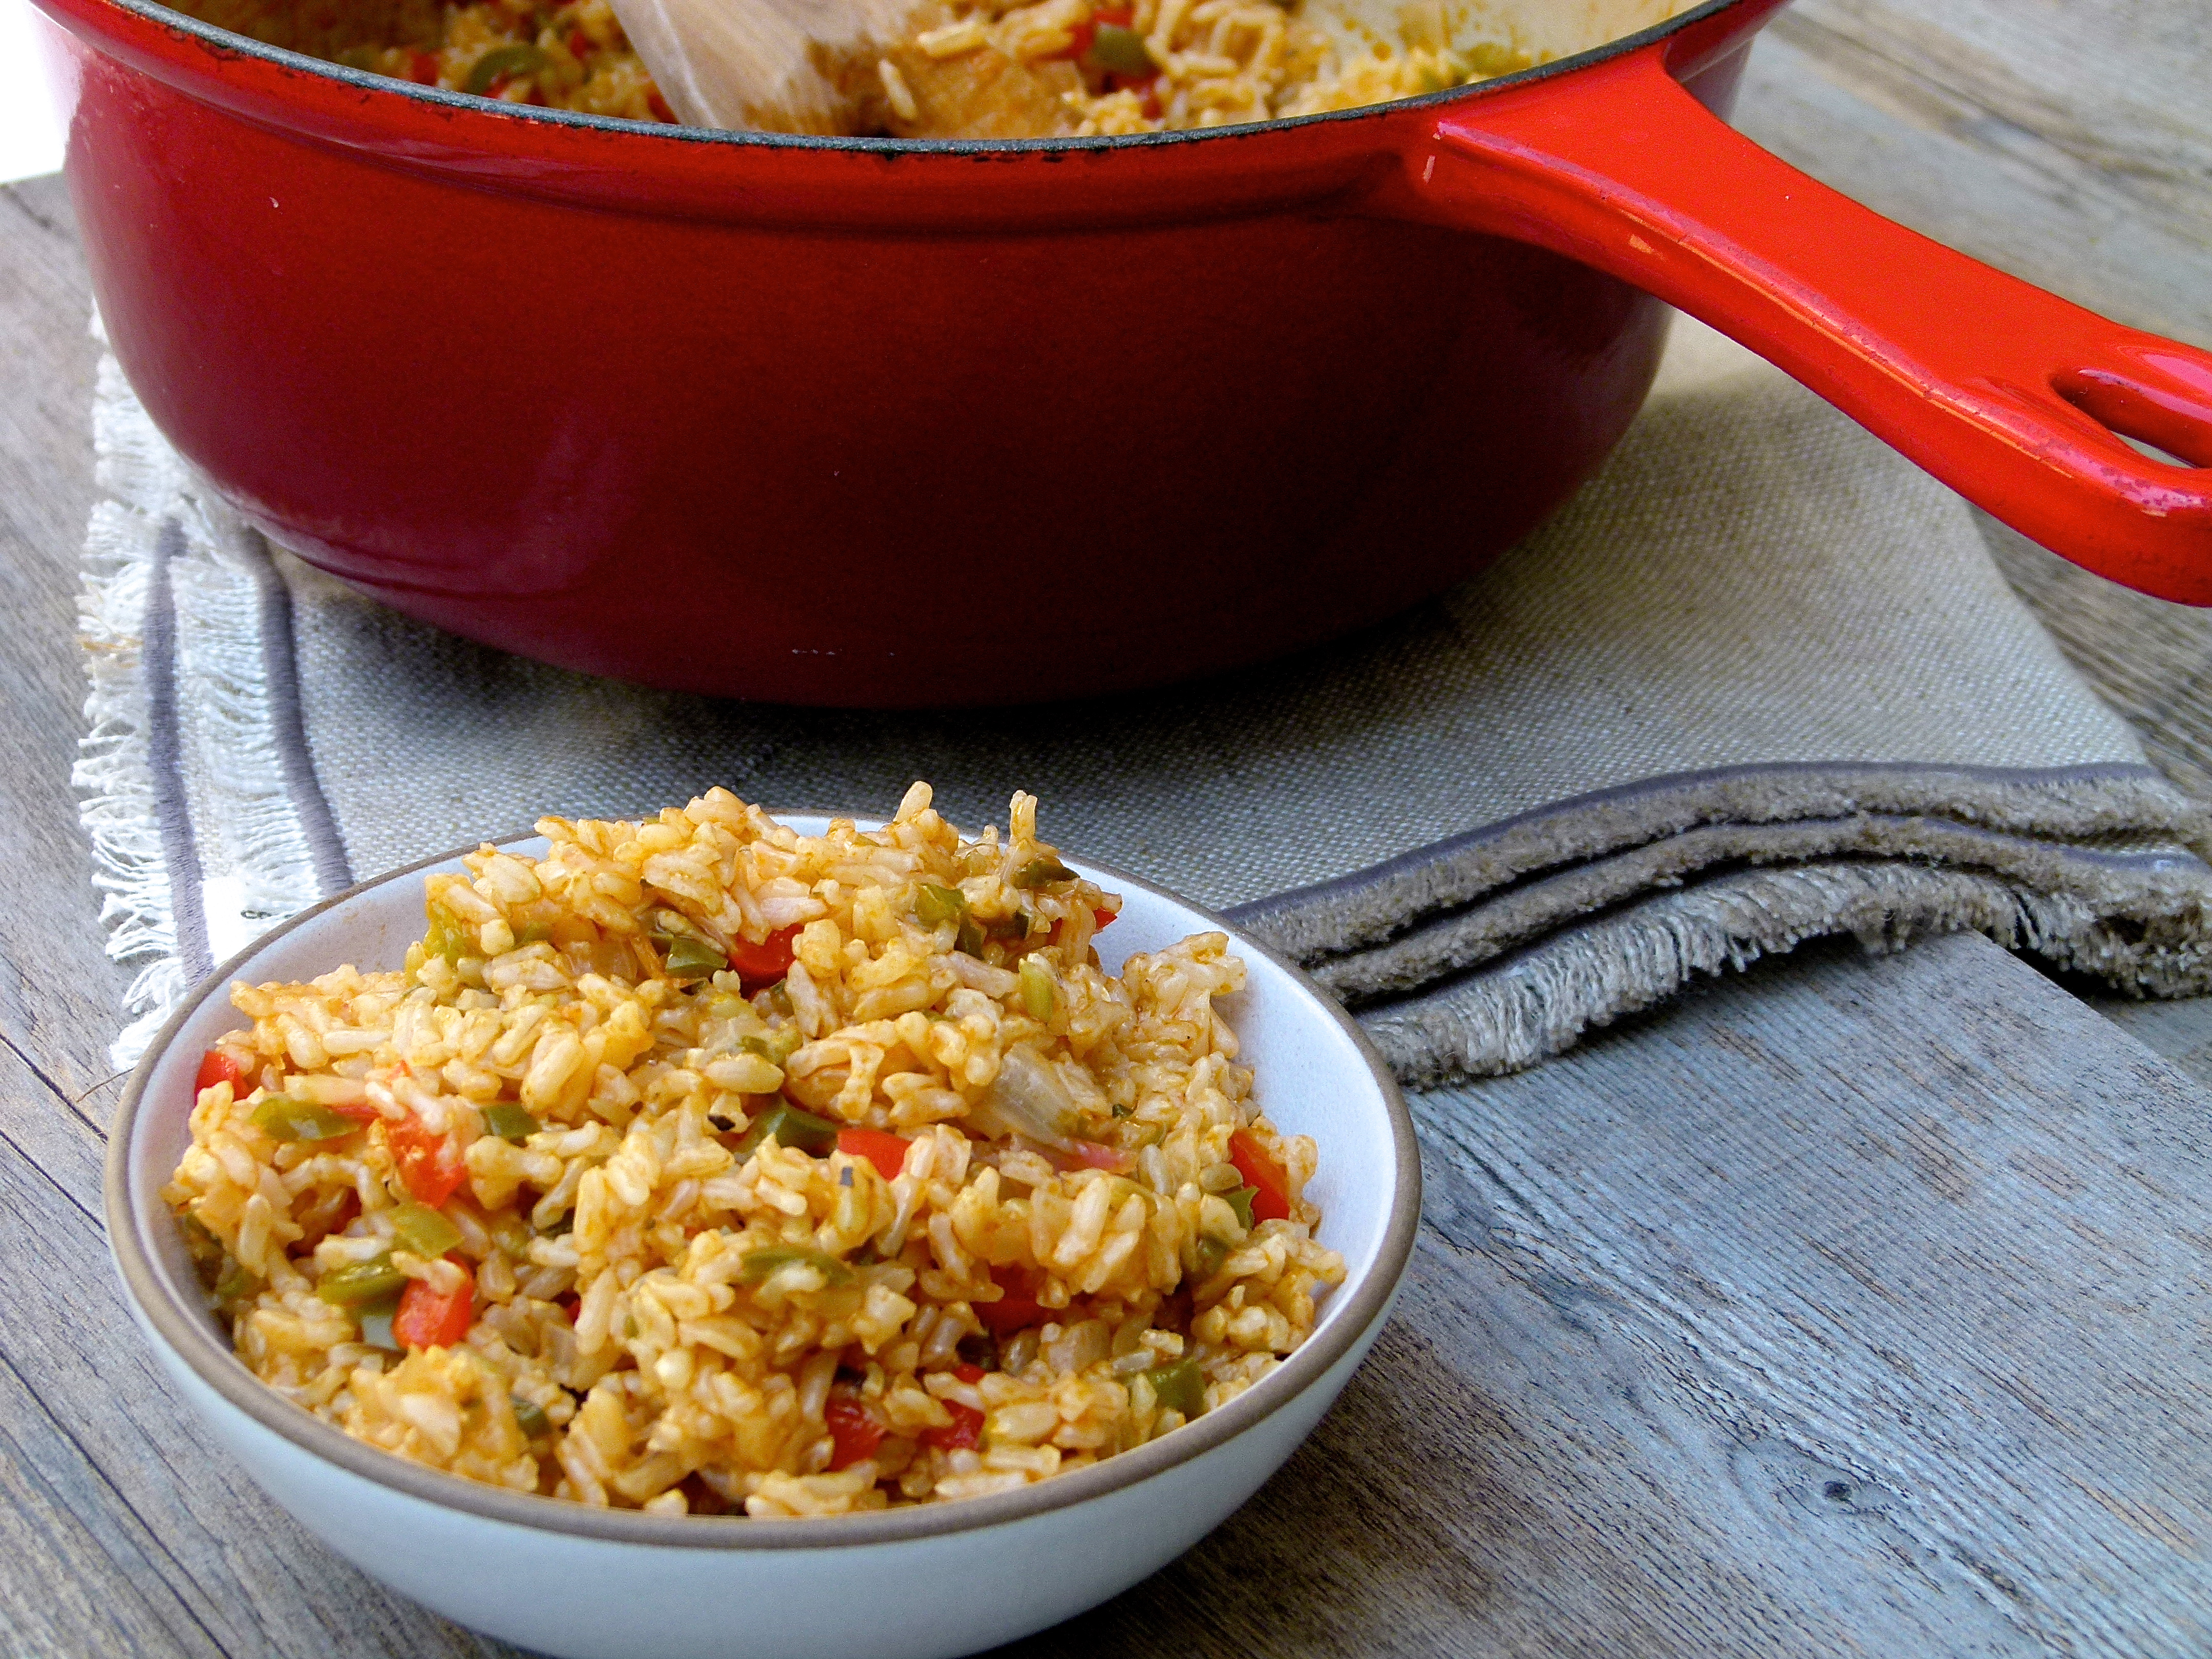 Restaurant-Style Mexican Rice | pamela salzman